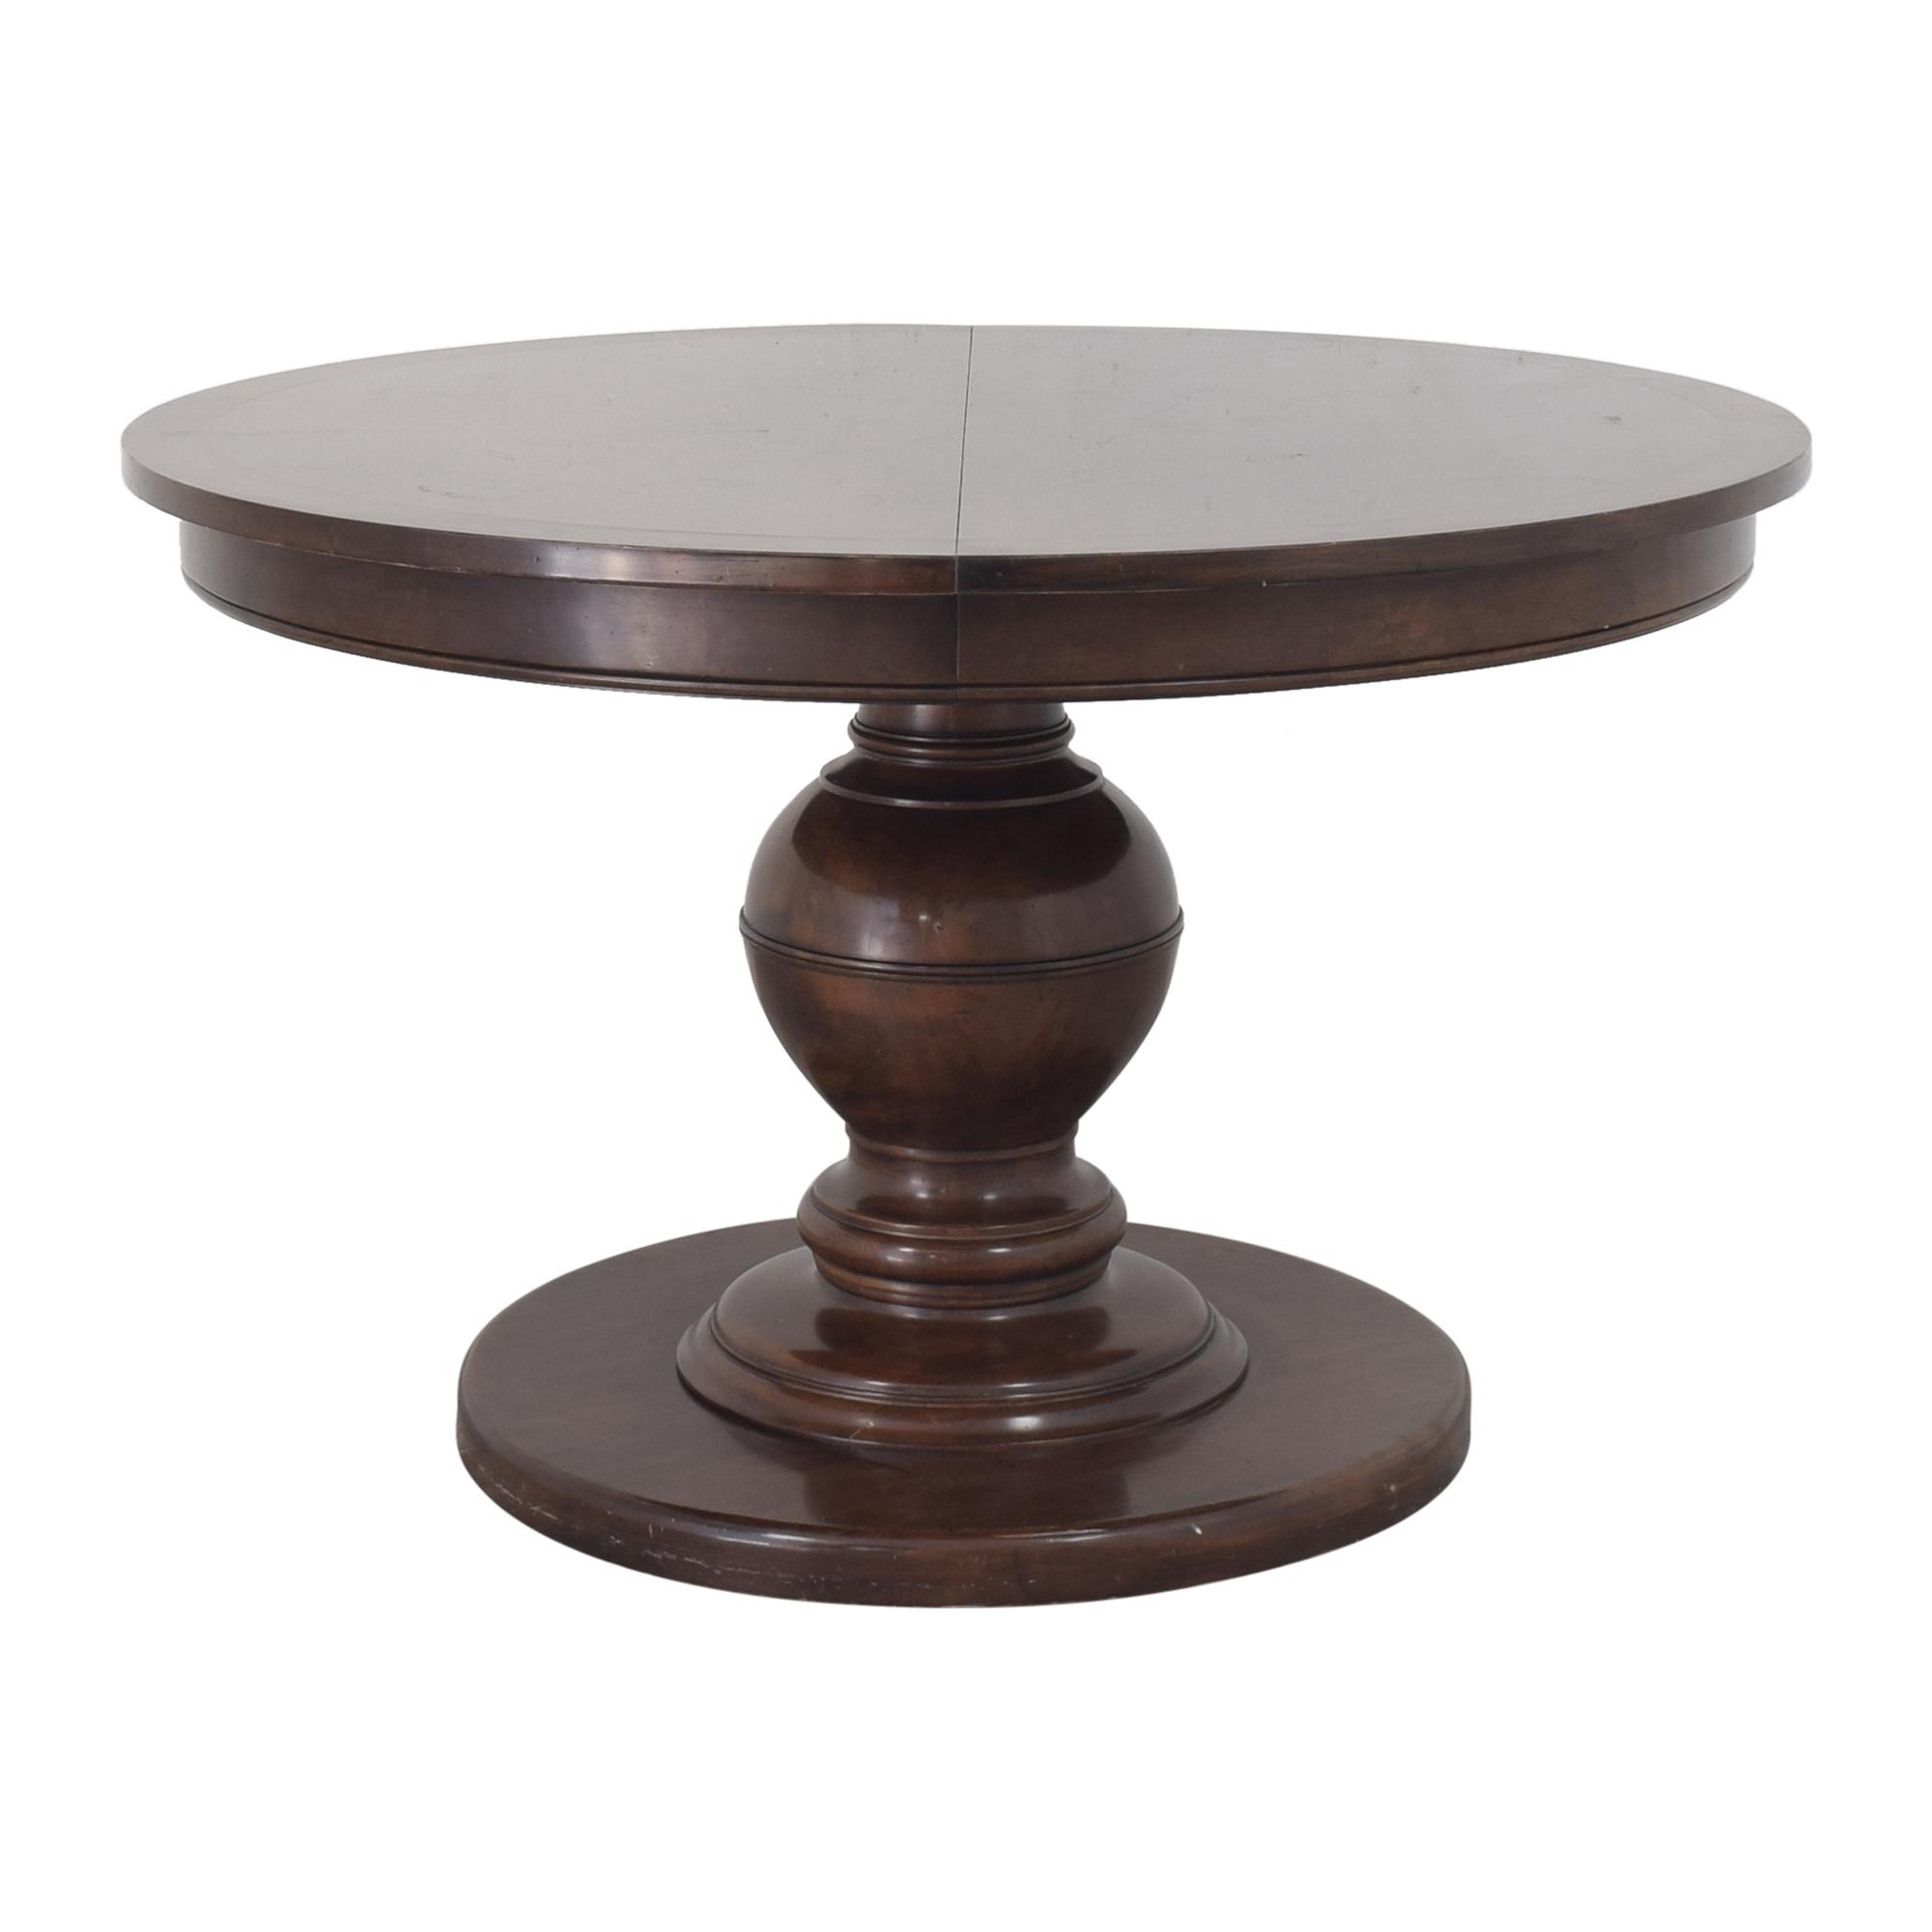 Kravet Kravet Grand Pedestal Dining Table dimensions